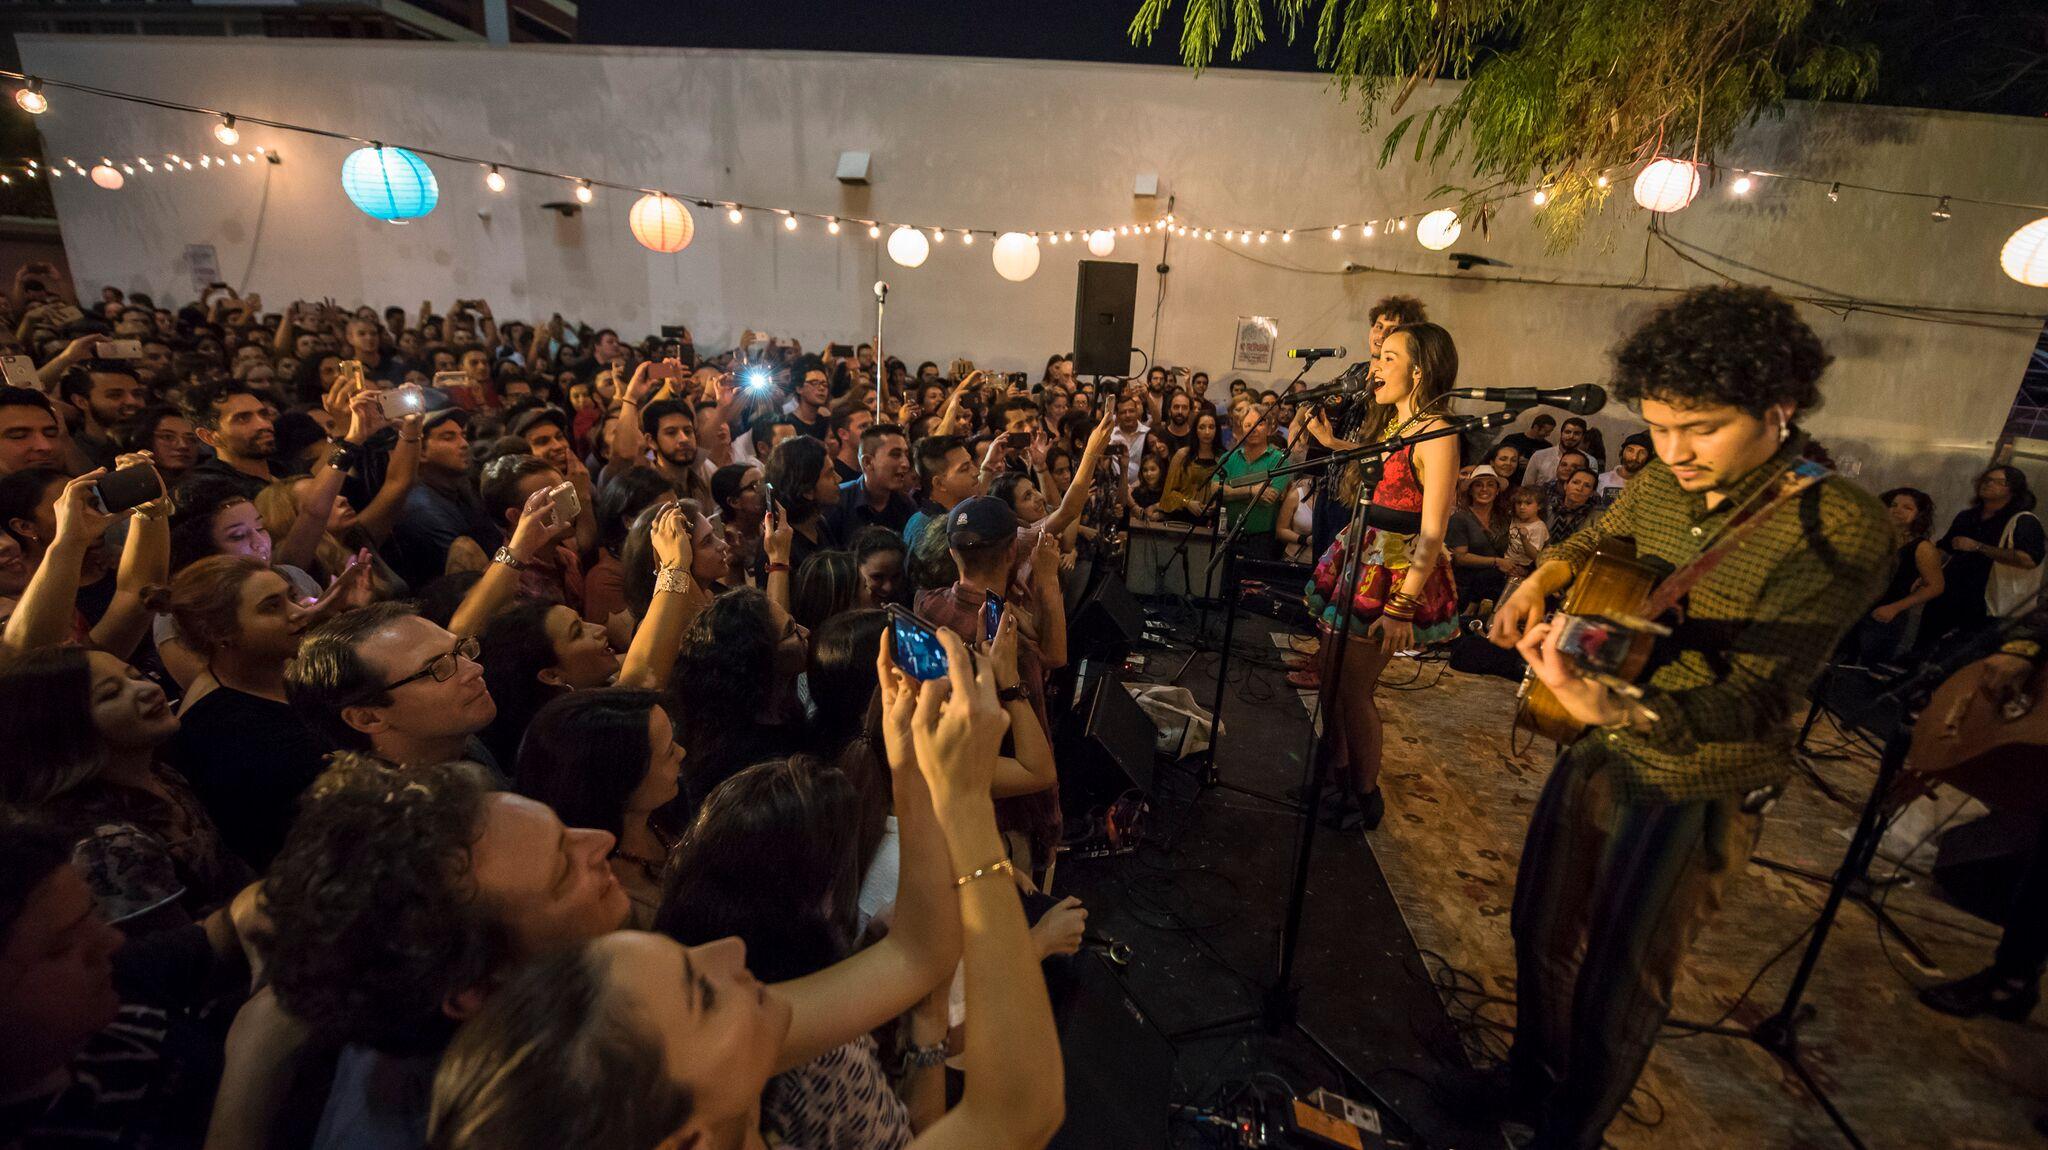 Cómo se vivió el concierto de la banda colombiana Monsieur Periné